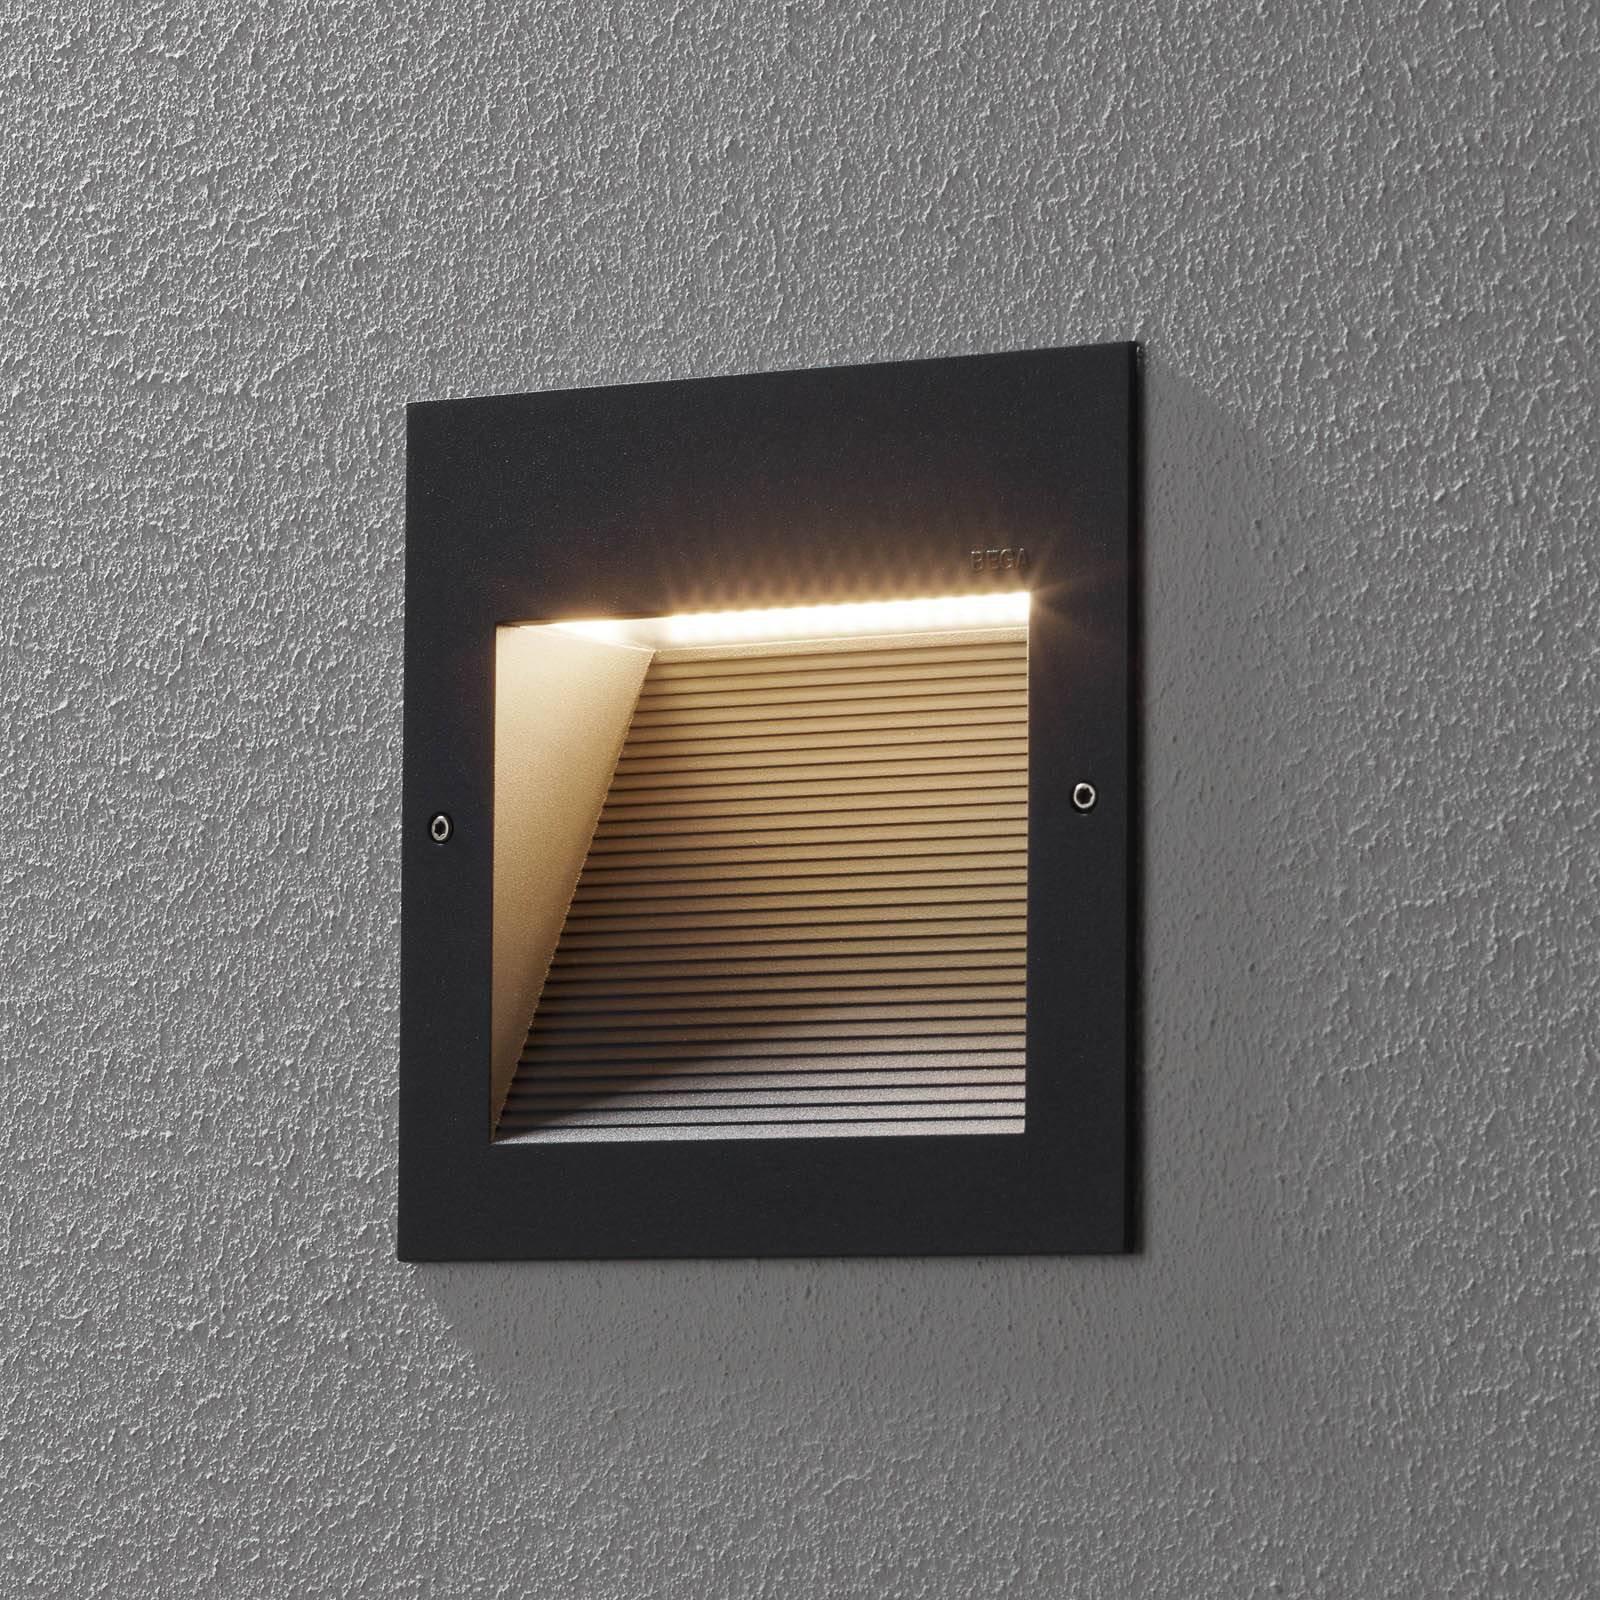 BEGA 24203 LED-veggmontering 3 000 K dimbar grafit